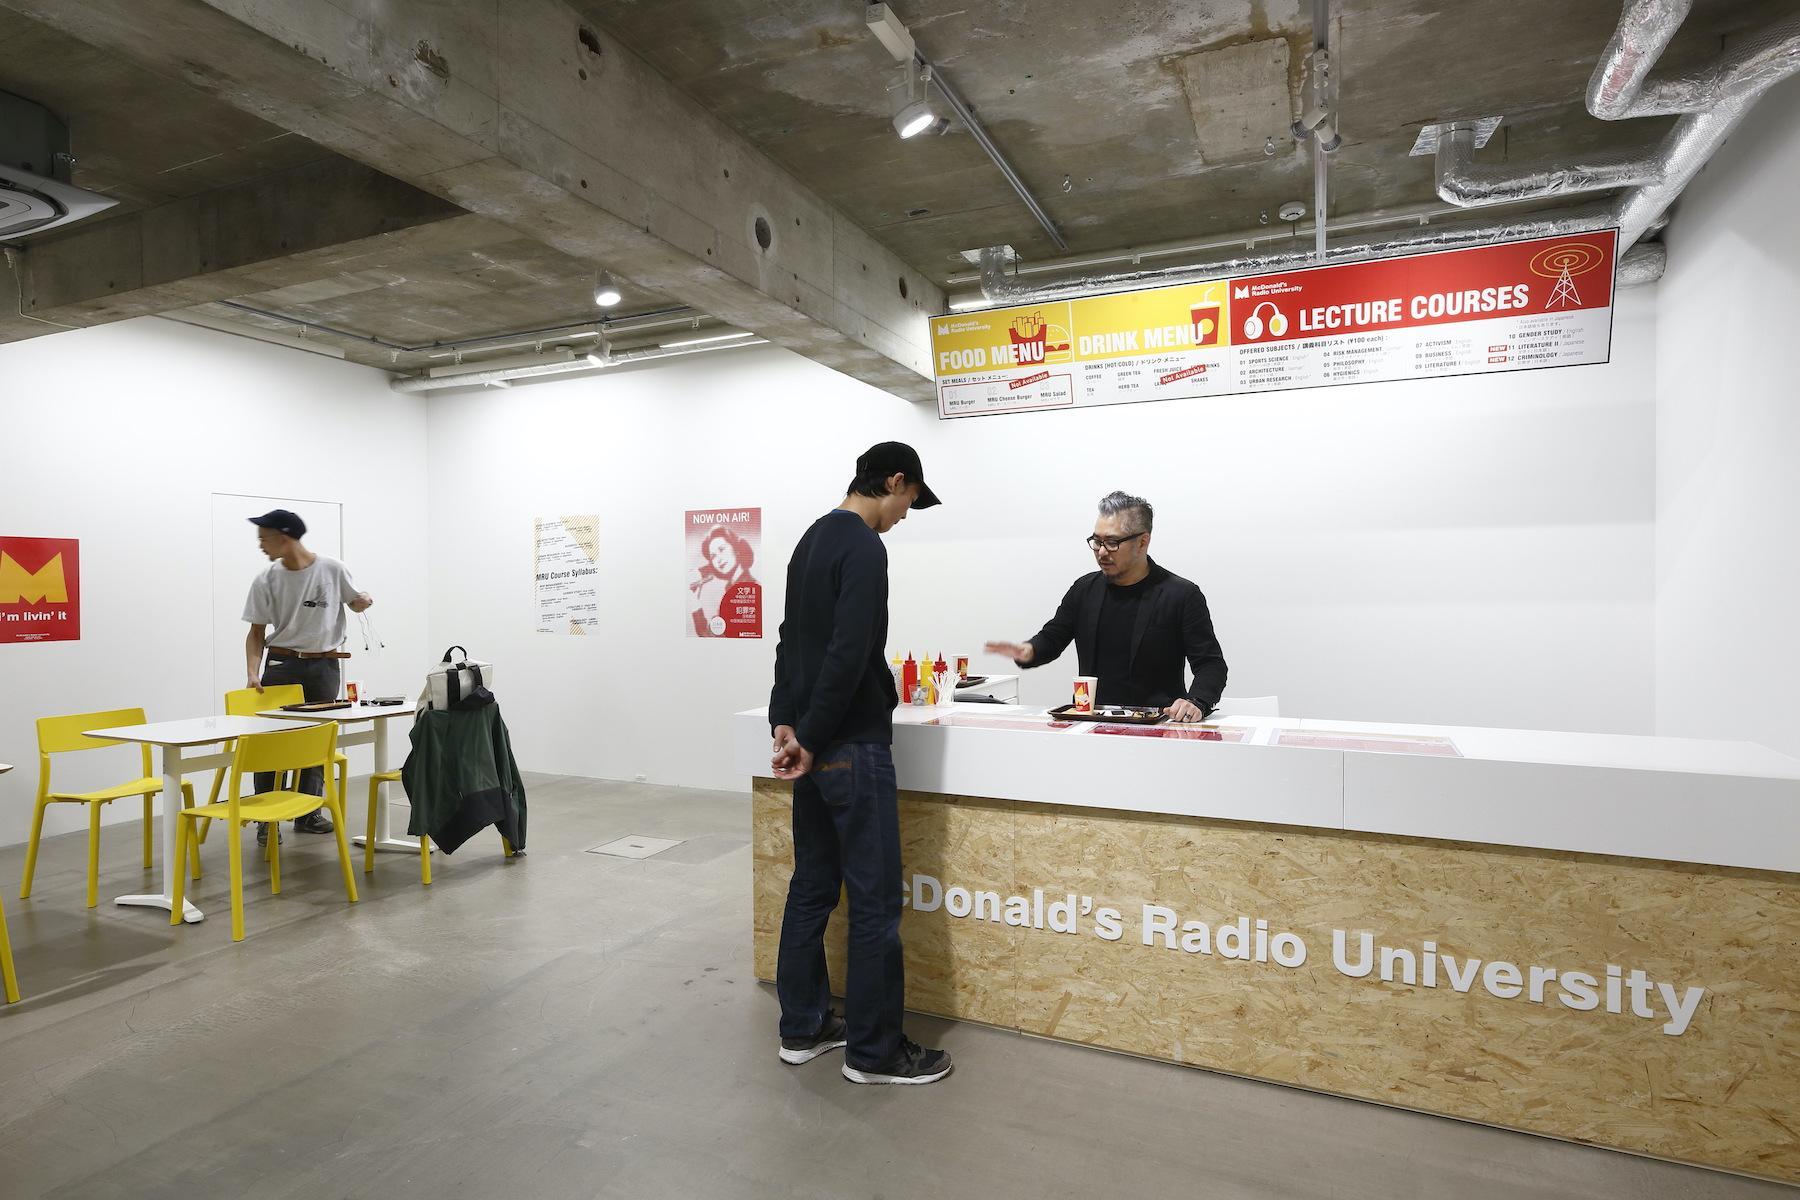 Takayama Akira McDonald's Radio University